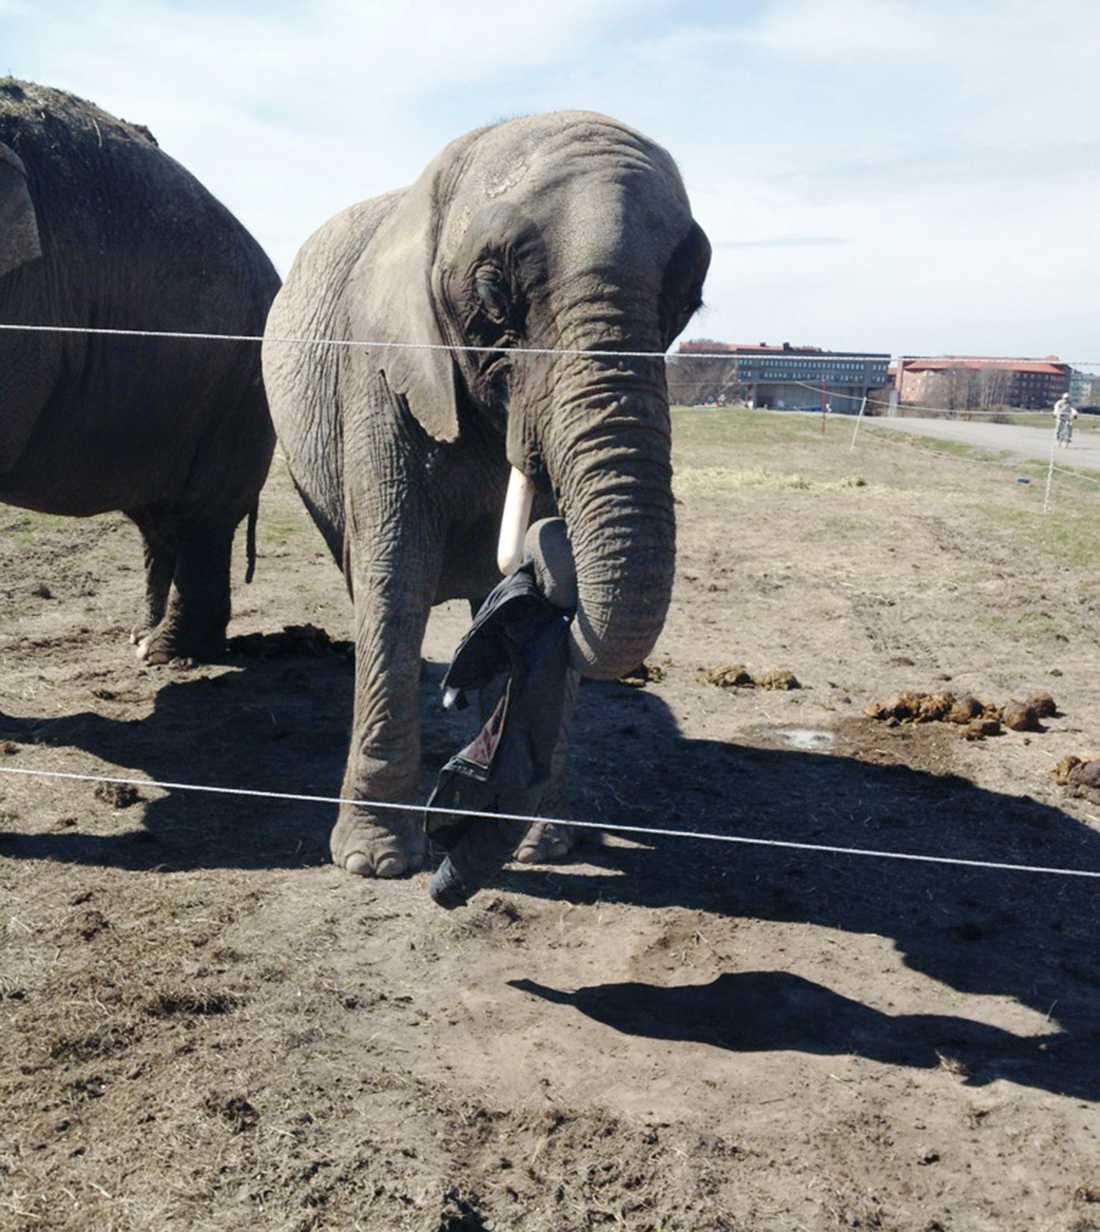 En av Cirkus Maximums elefanter tuggar på en jacka på Gärdet i Stockholm.